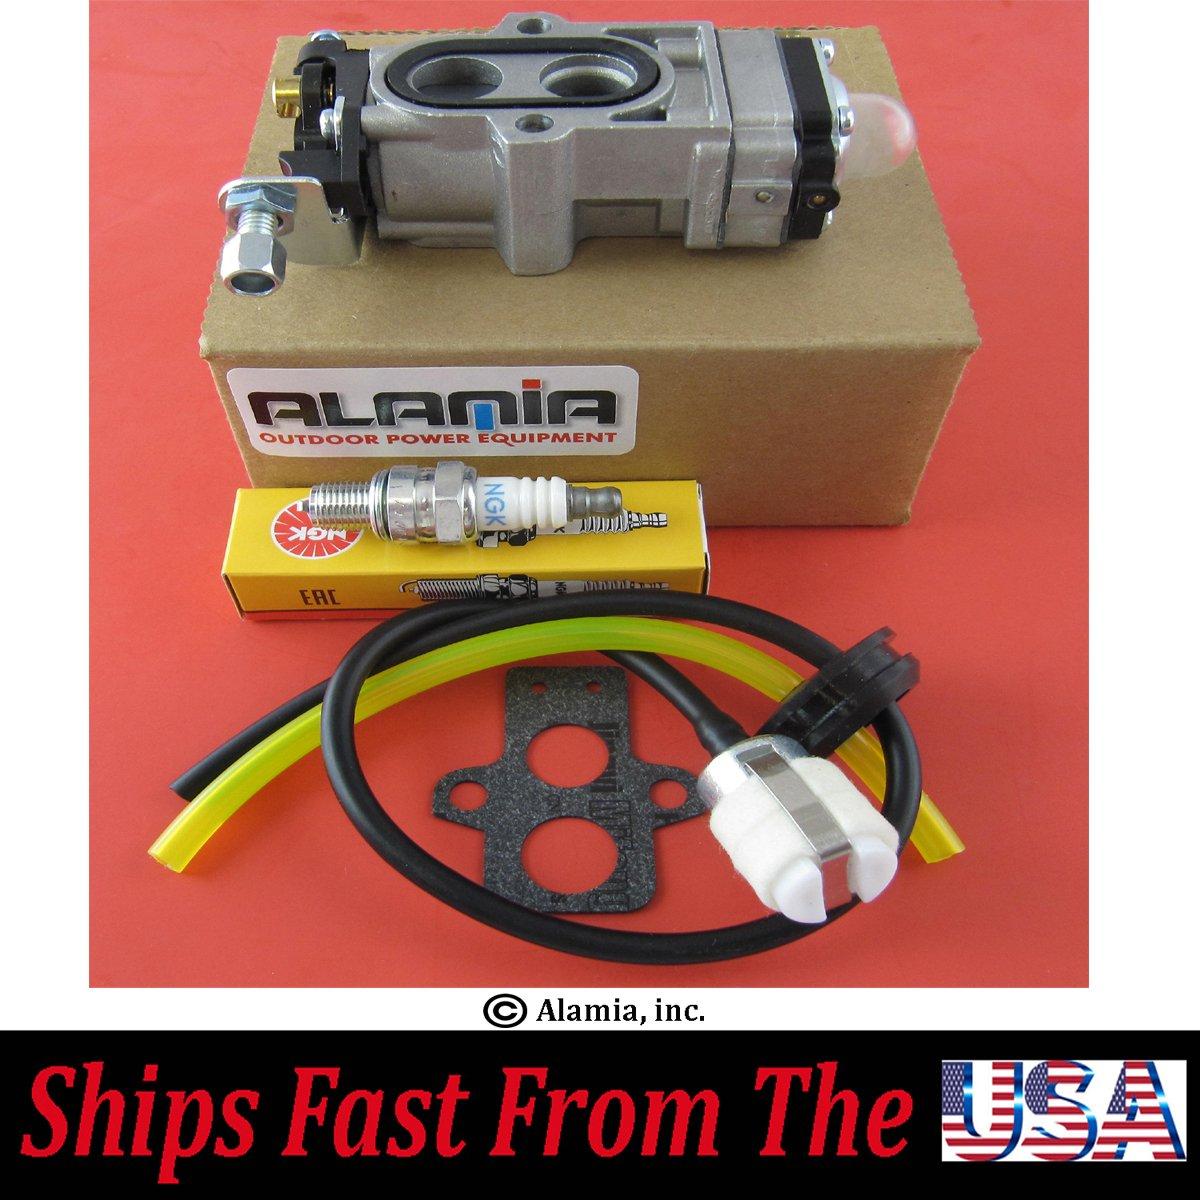 Redmax New Carburetor Re Power Kit Fits Ebz 7500 Fuel Filter Blower Replaces 581156101 544363001 Wya 64 Garden Outdoor